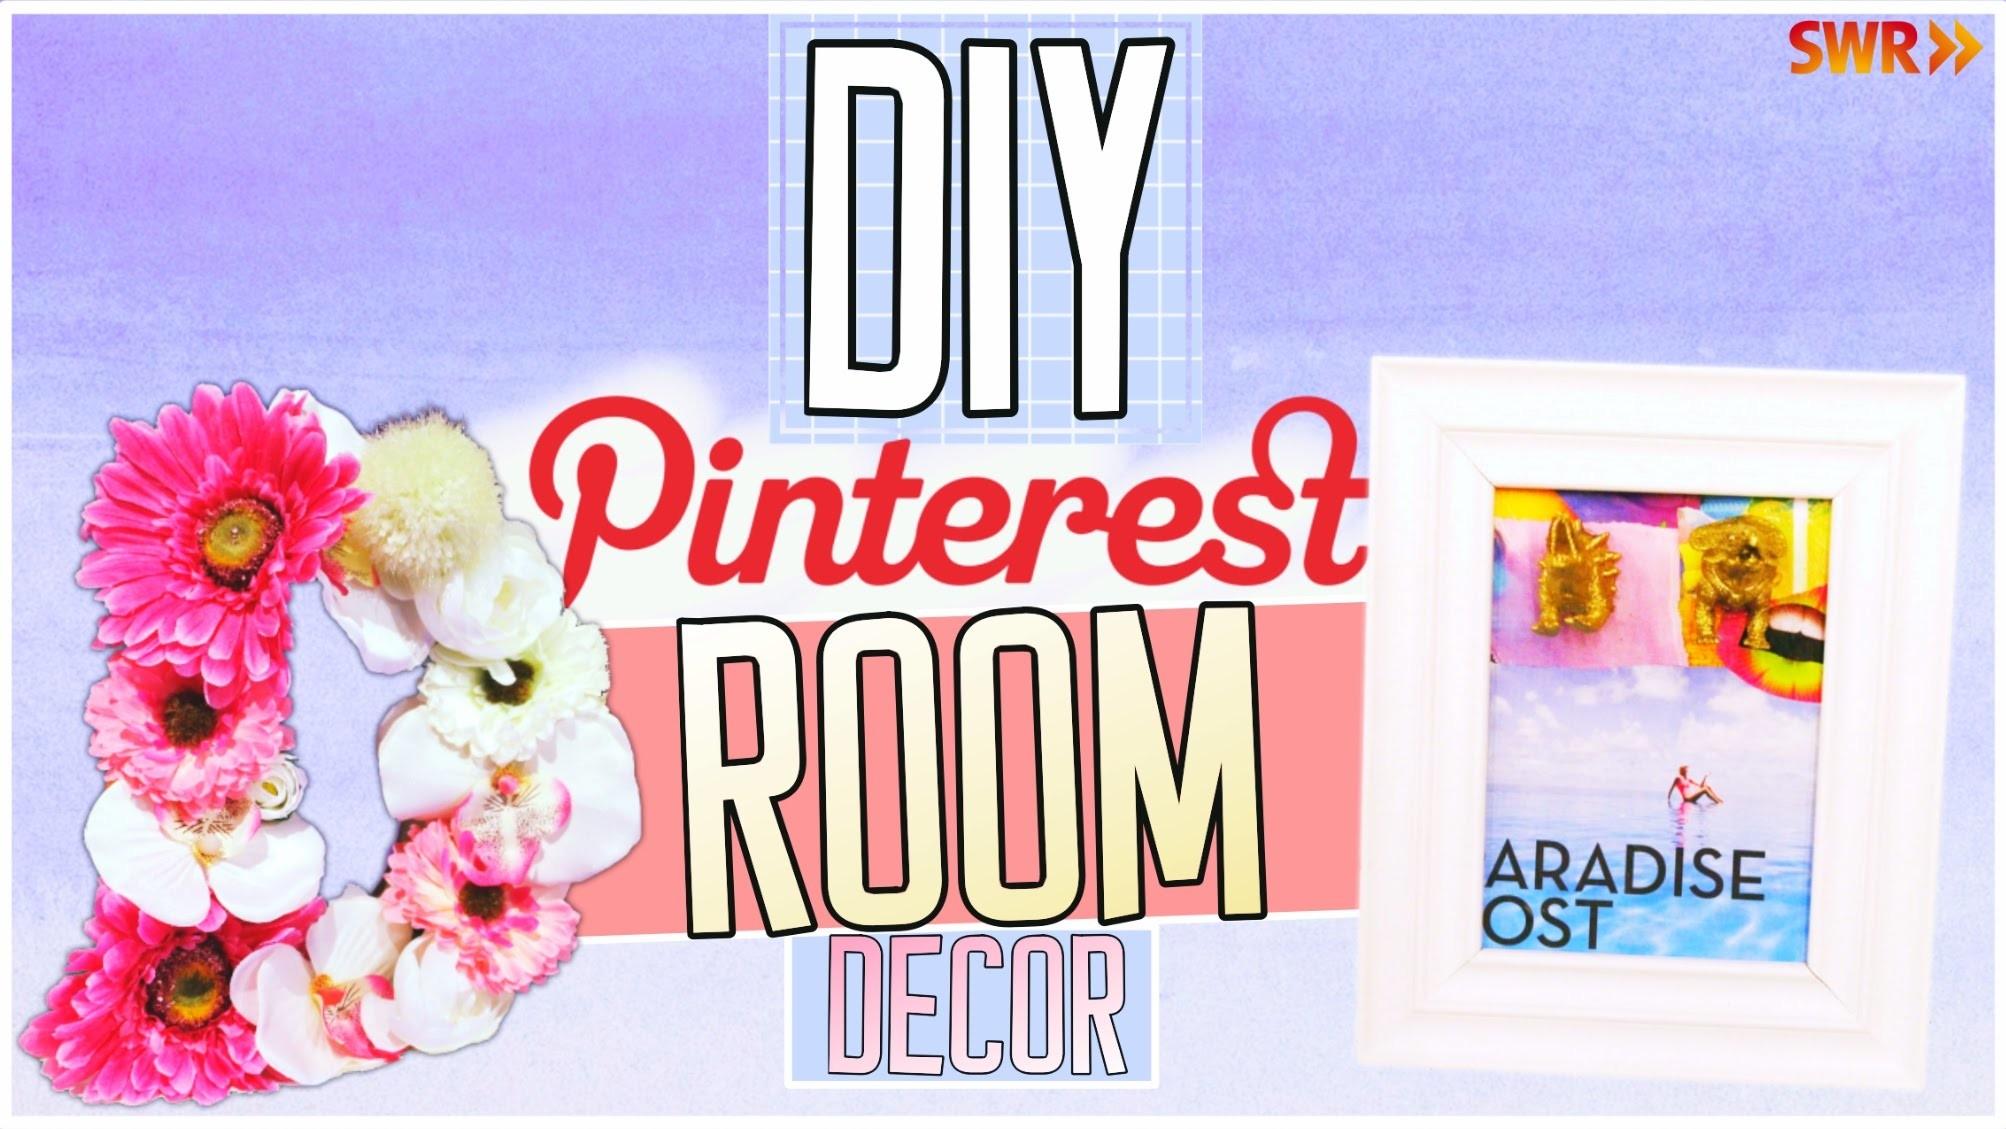 DIY Pinterest Room Decor Ideen! Einfach, schnell & günstig!